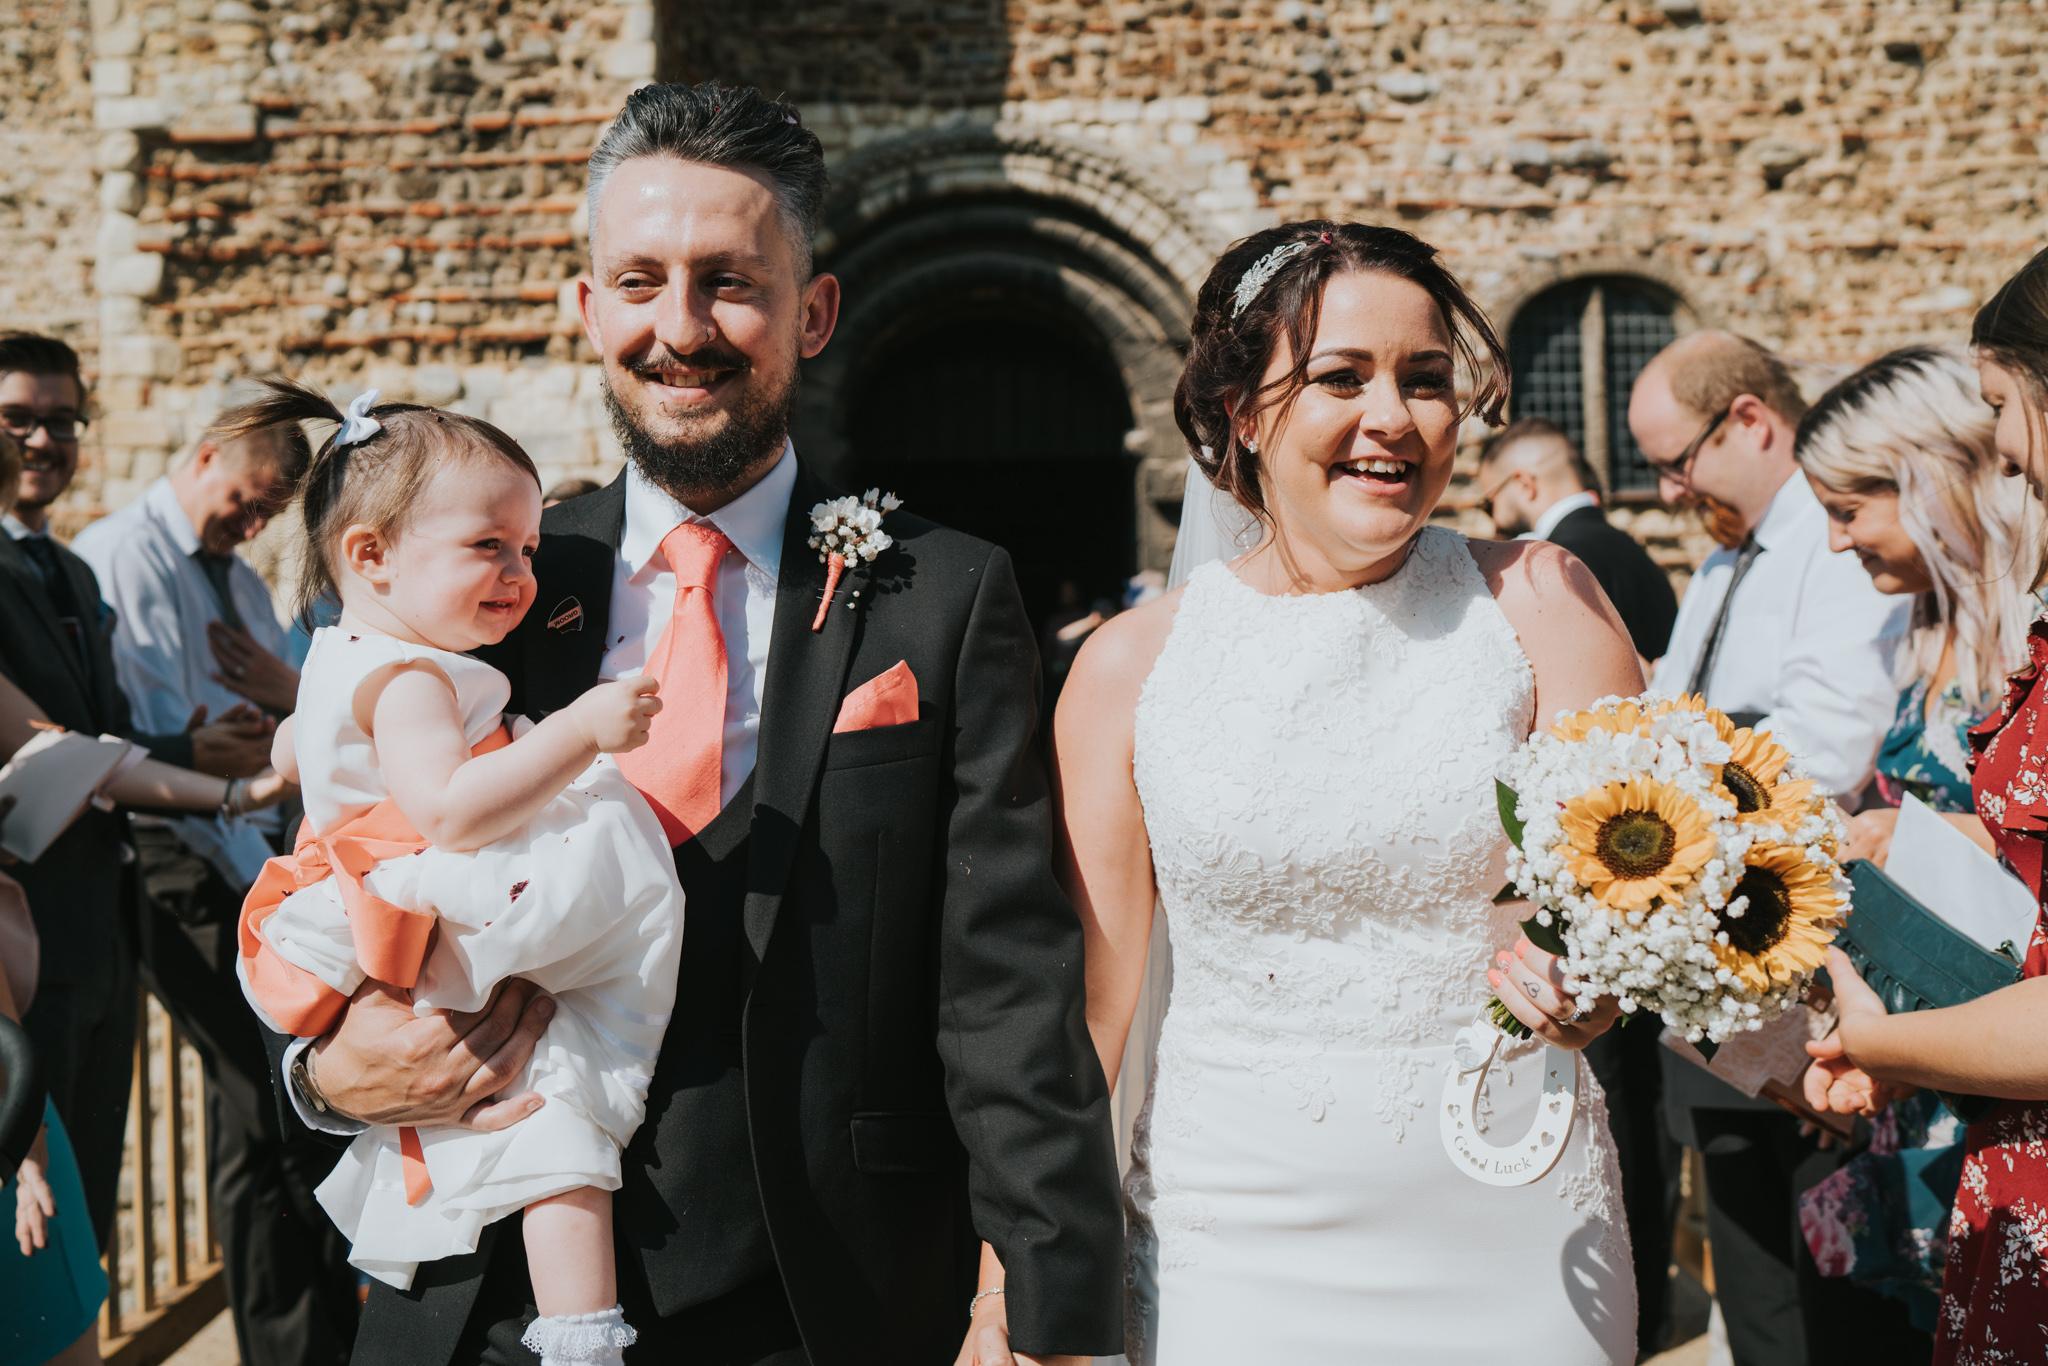 Joe-Tiffany-Colchester-Castle-Wedding-Essex-Grace-Elizabeth-Colchester-Essex-Alternative-Wedding-Photographer-Suffolk-Norfolk-Devon (63 of 122).jpg